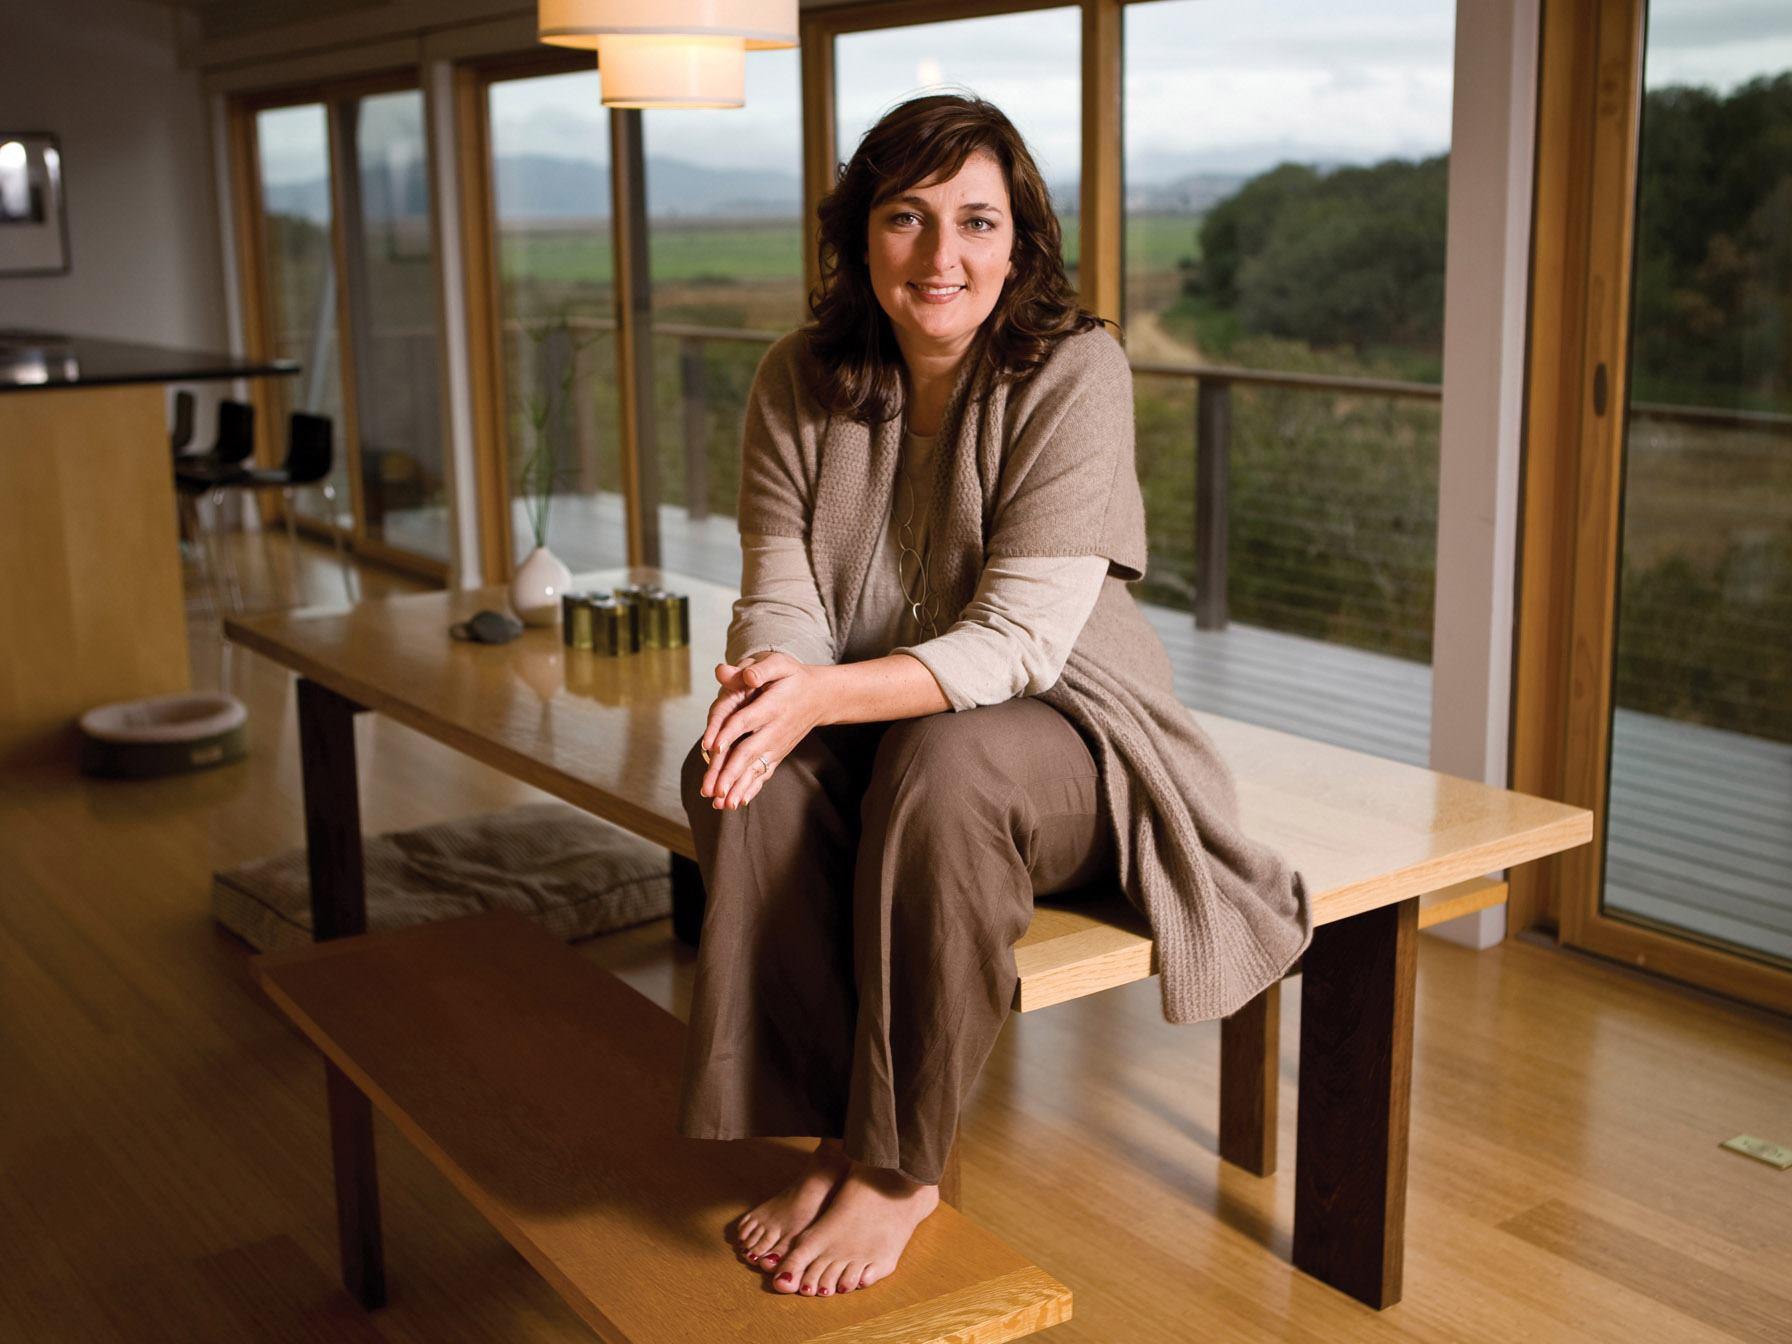 Top firm michelle kaufmann aia leed ap custom home Michelle kaufmann designs blu homes